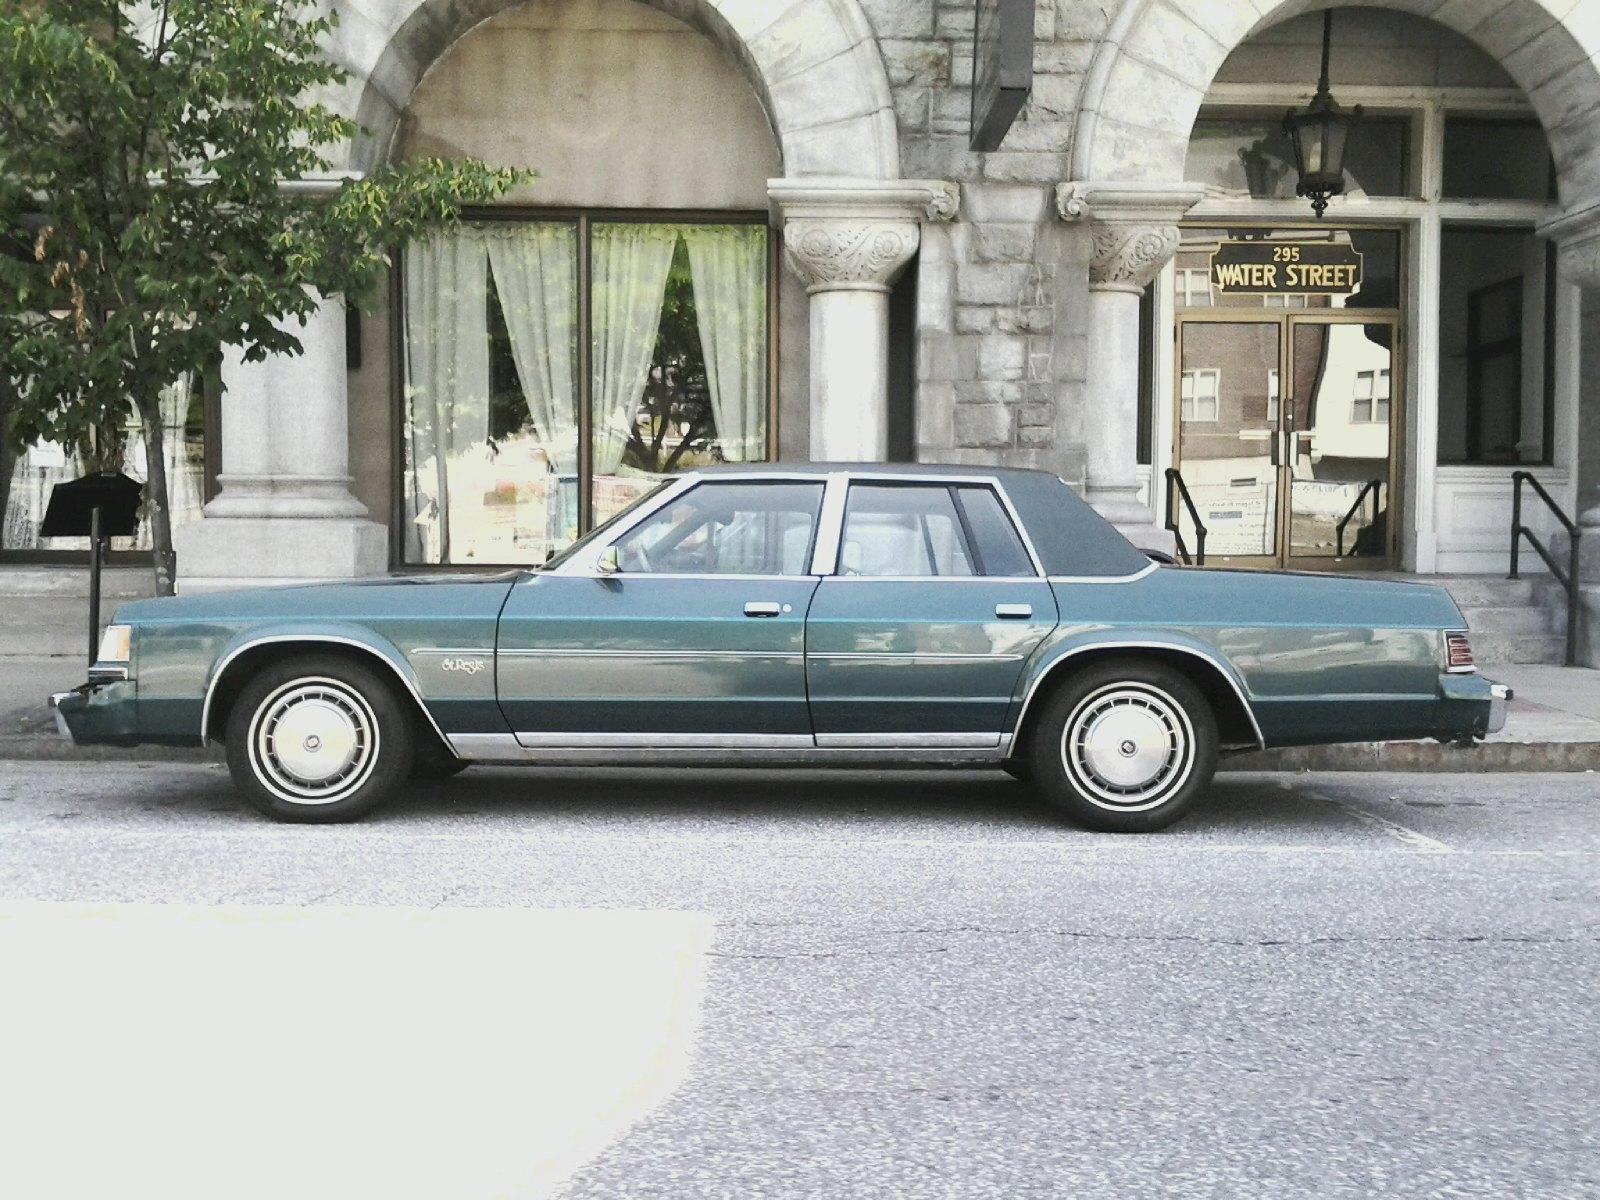 8,700 Original Miles: 1980 Chrysler Newport